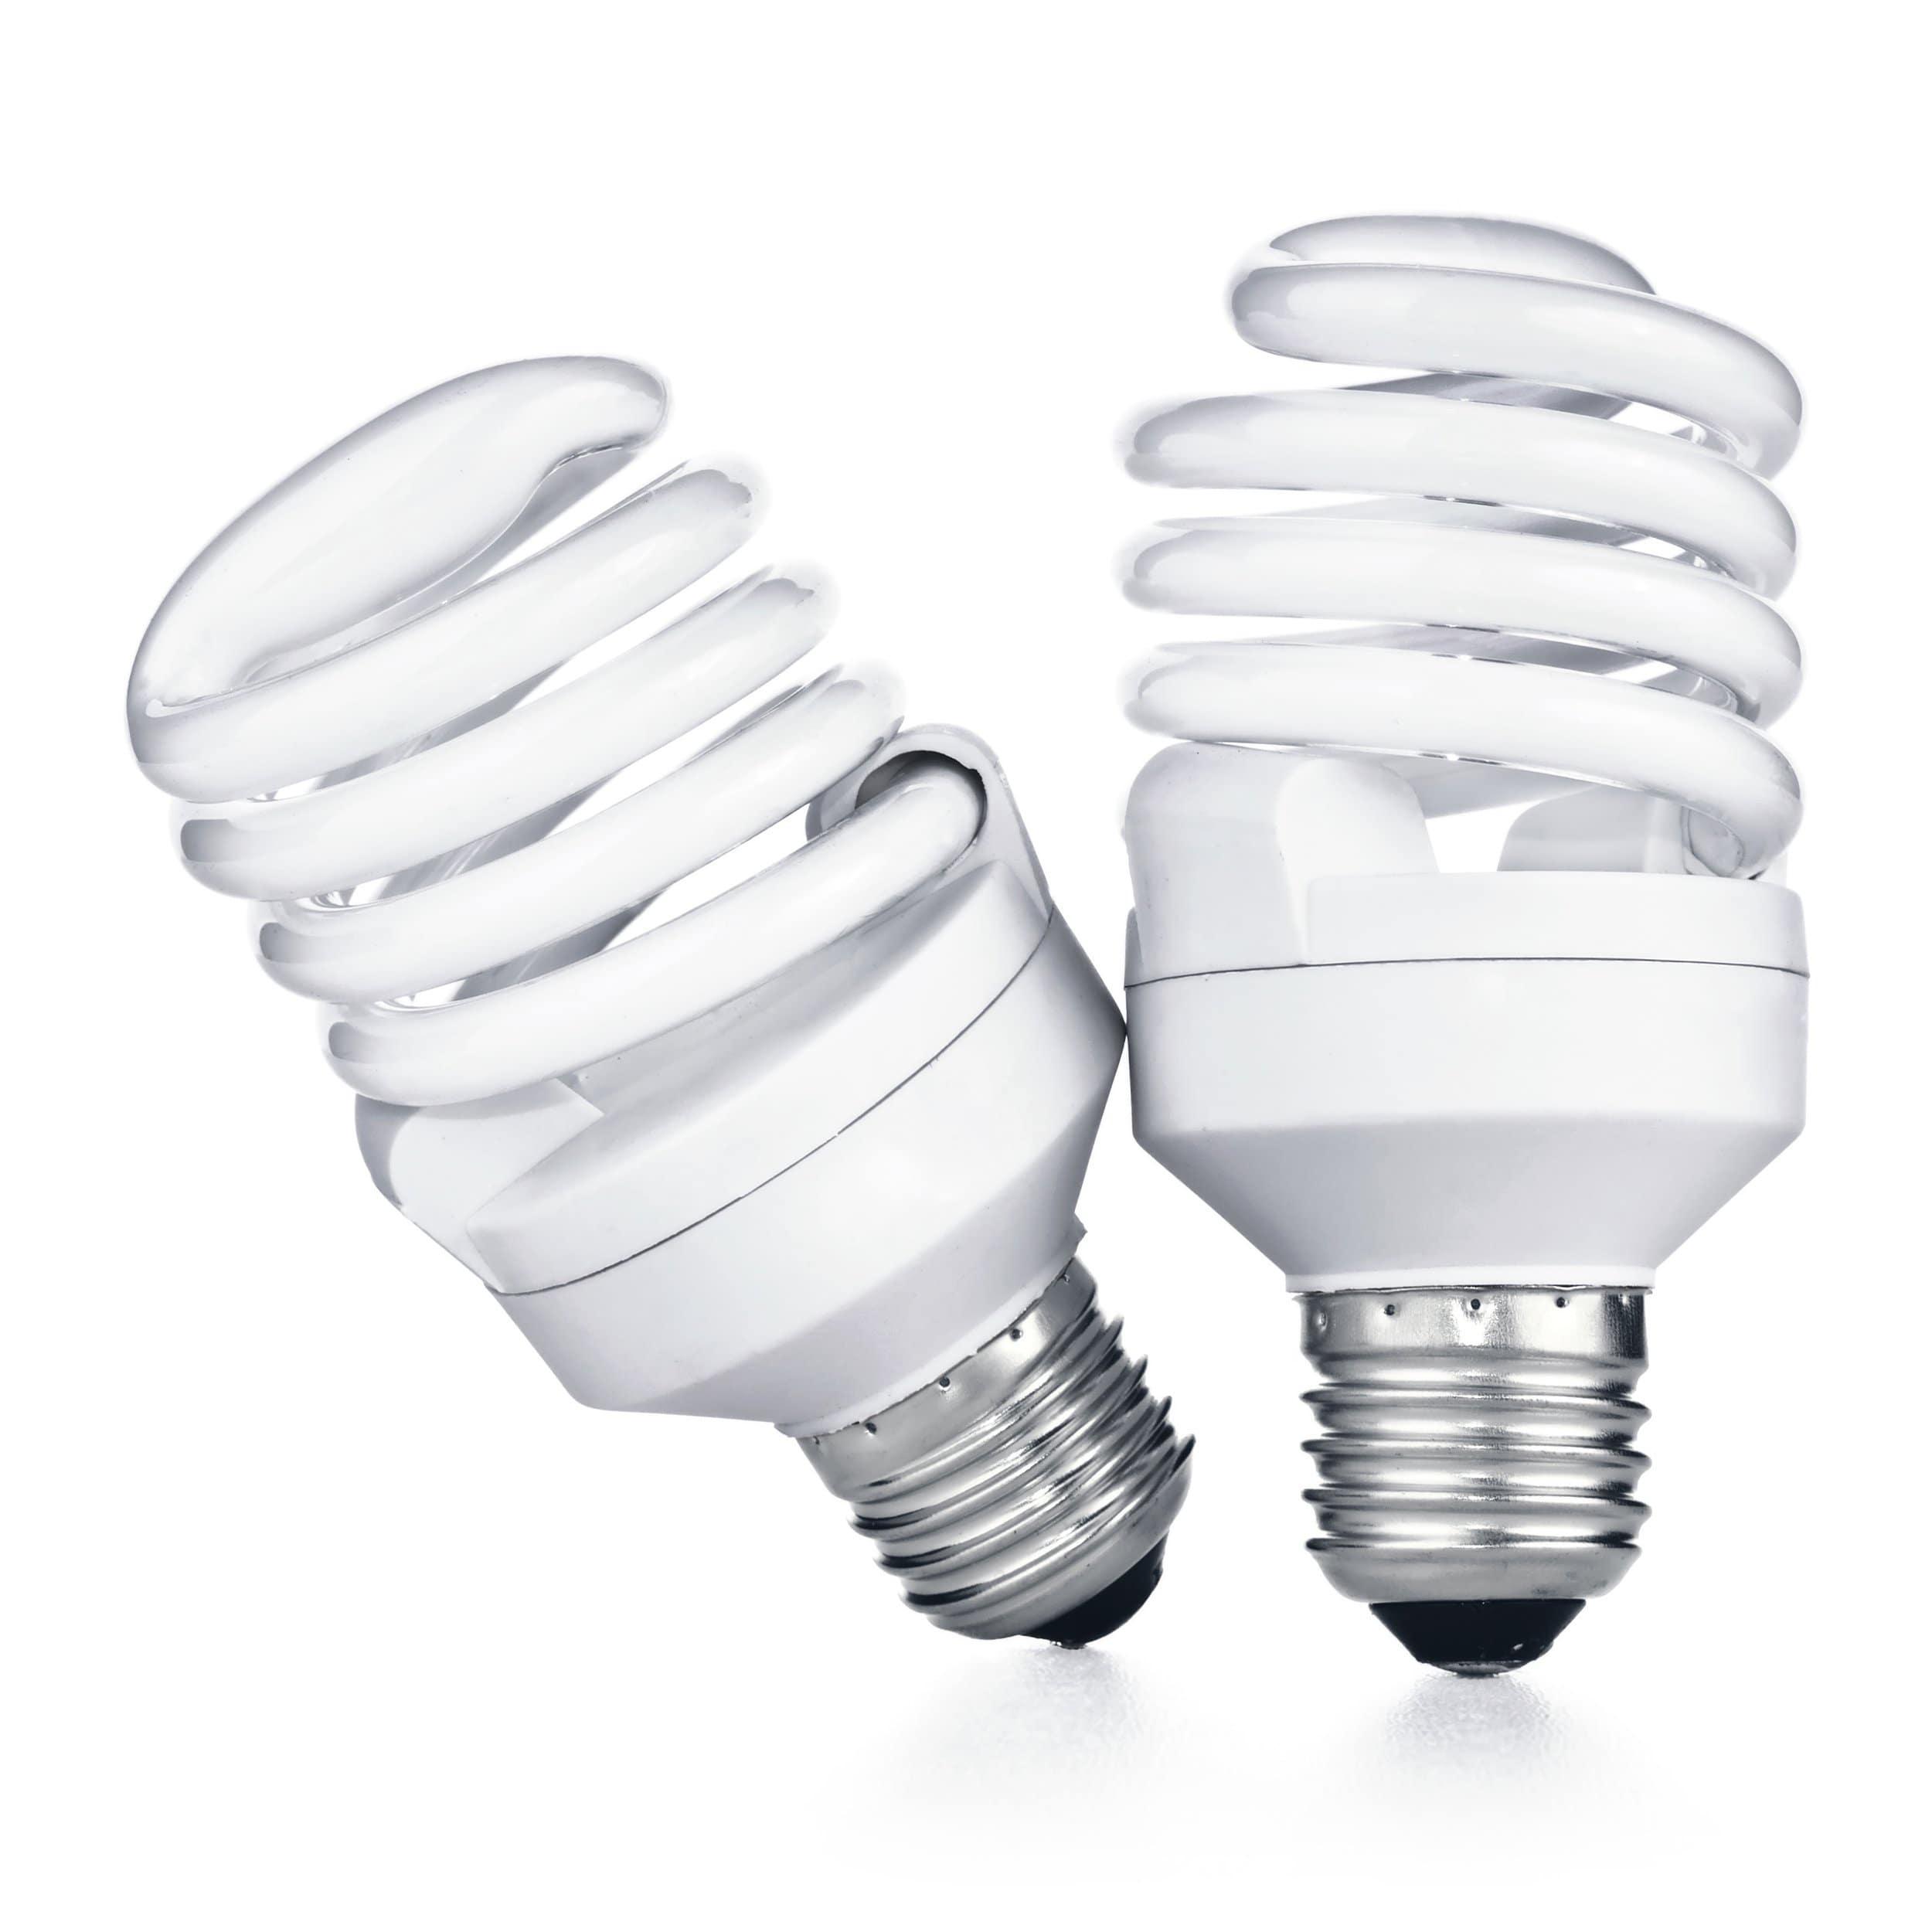 Bố trí đèn quạt trần cho nhà đẹp - Đèn compact